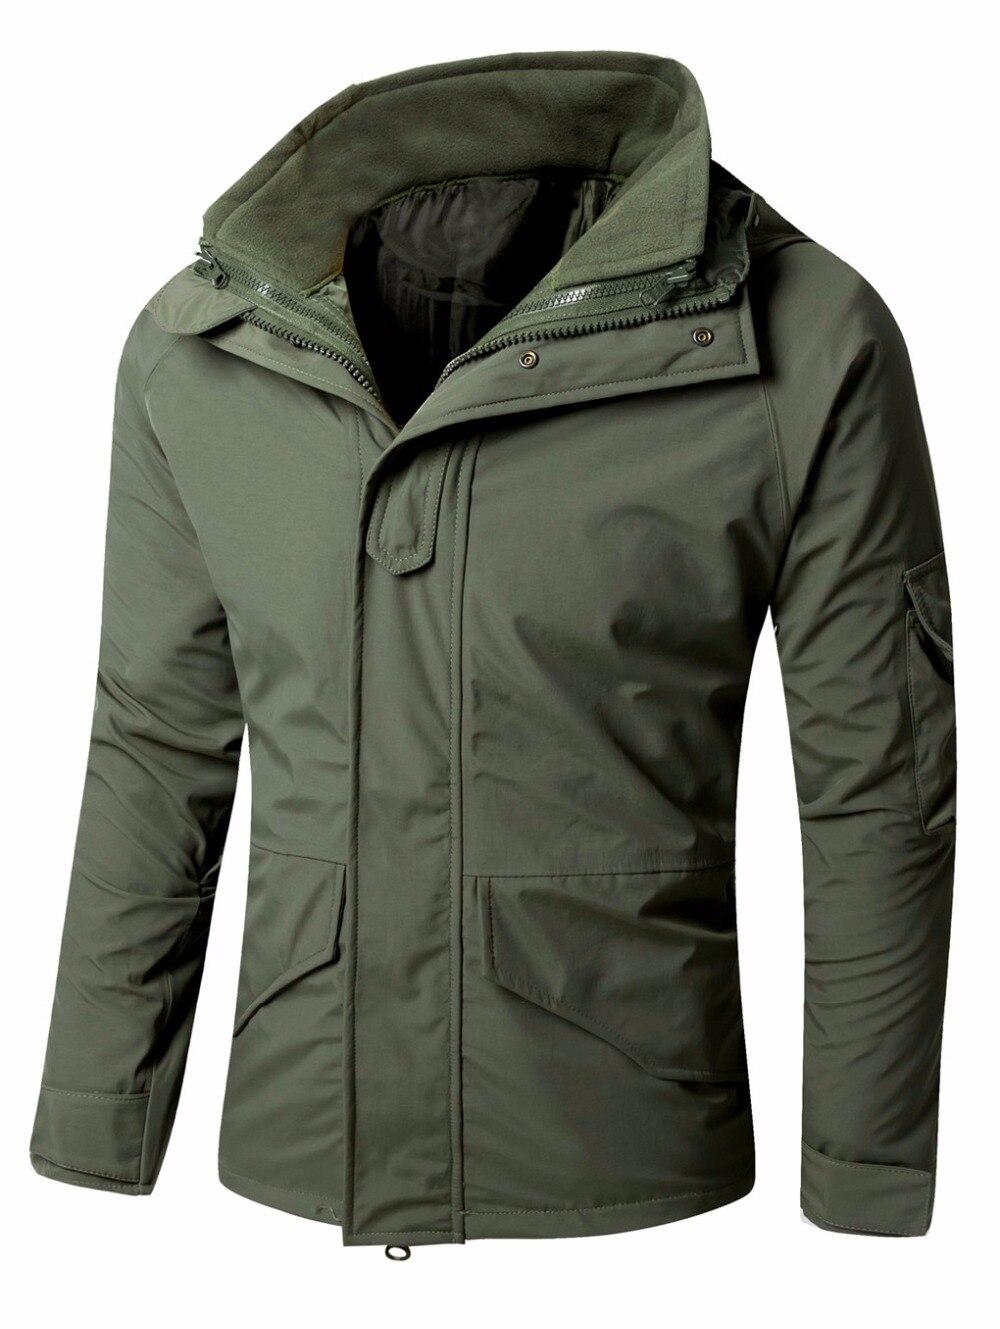 водонепроницаемый куртка с капюшоном на алиэкспресс